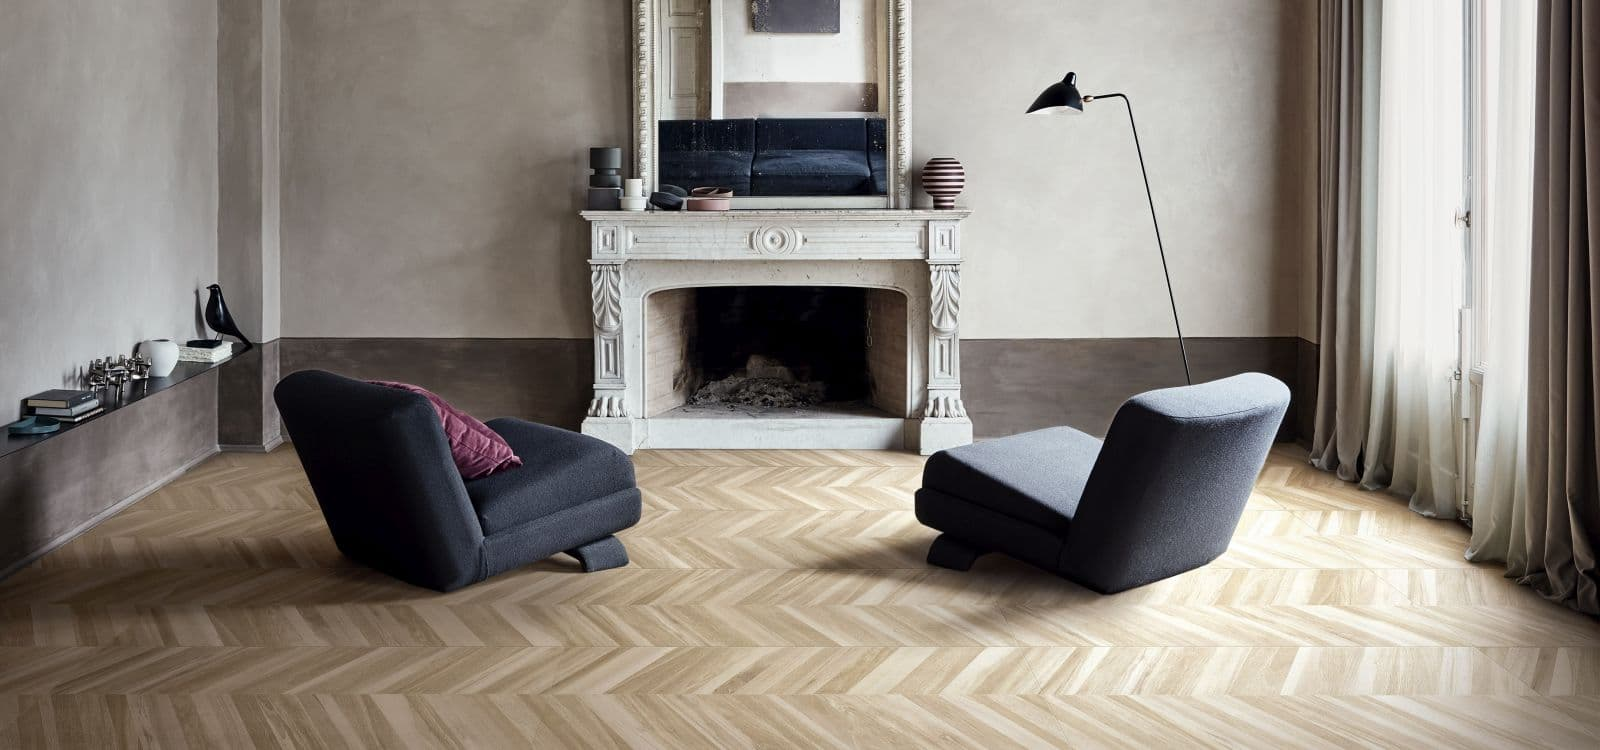 fiore lmcs la maison du carrelage balma toulouse. Black Bedroom Furniture Sets. Home Design Ideas